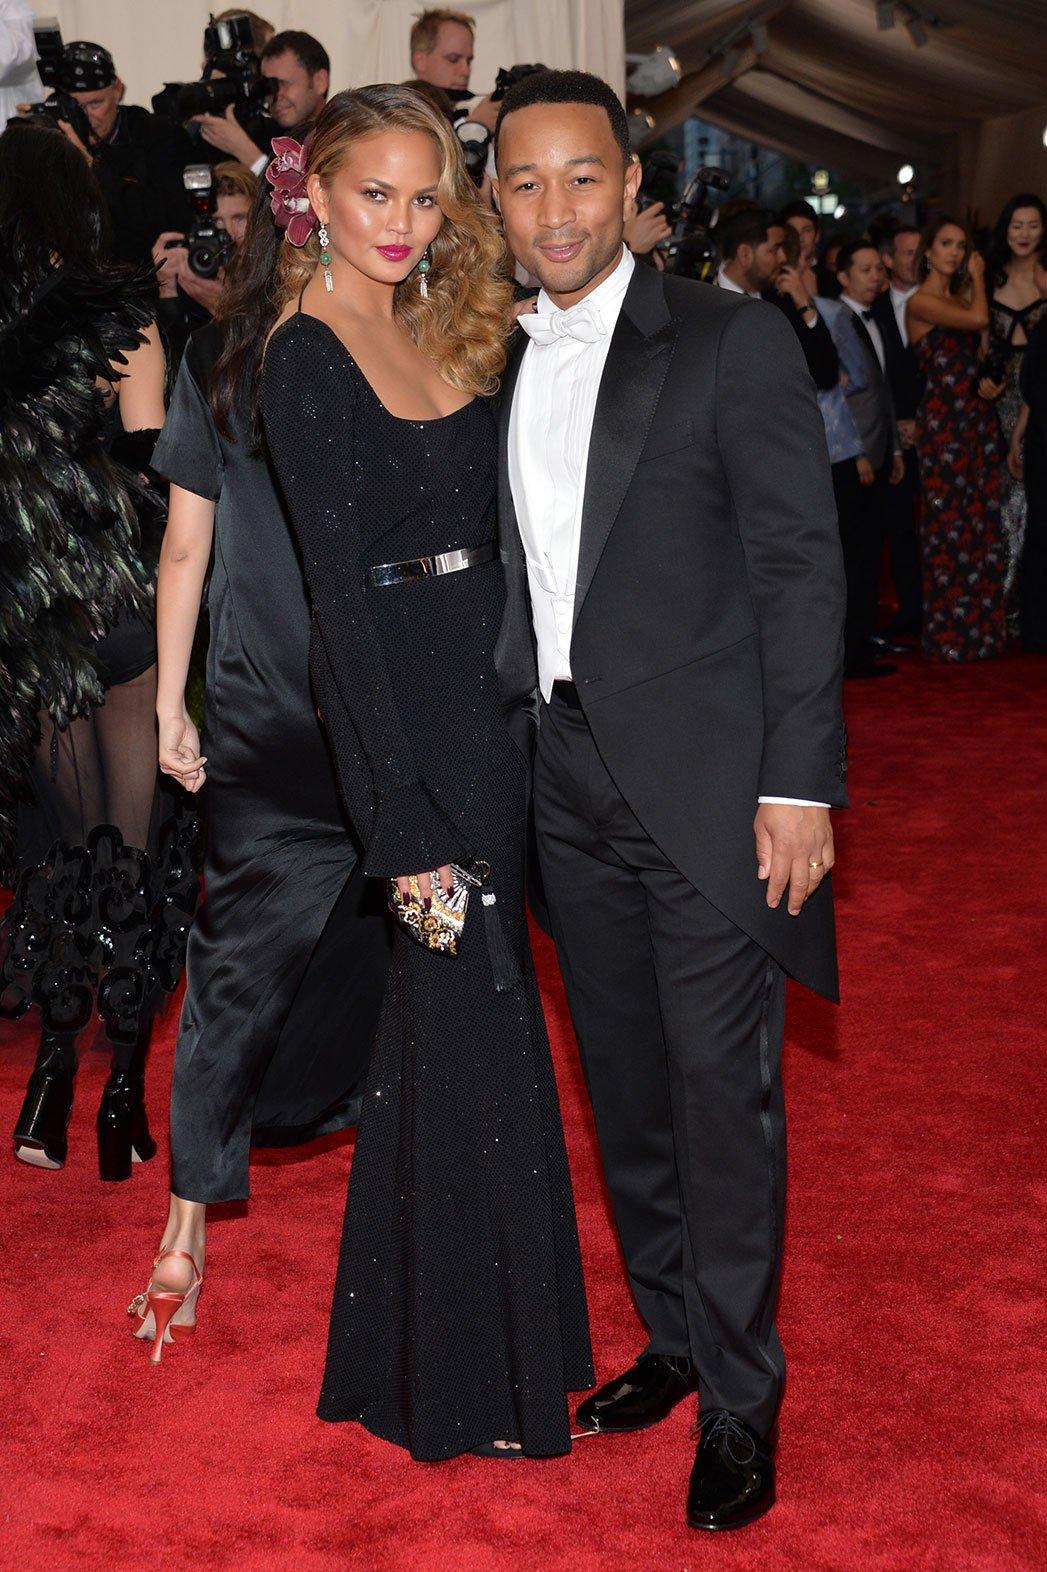 Chrissy Teigen in a black gown by St. John Knits & John Legend at ...